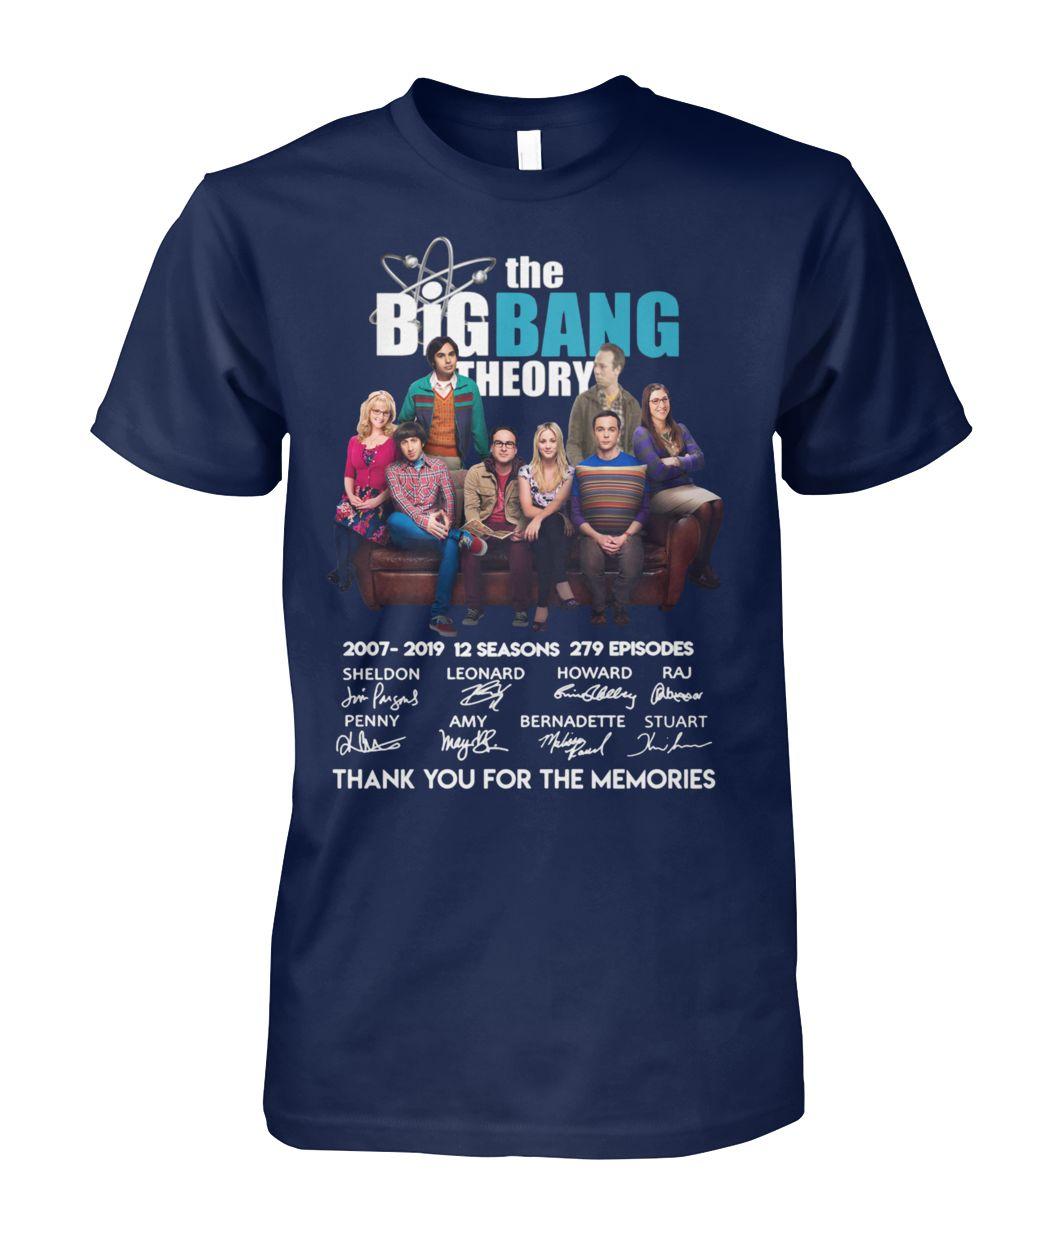 The big bang theory characters signature shirt